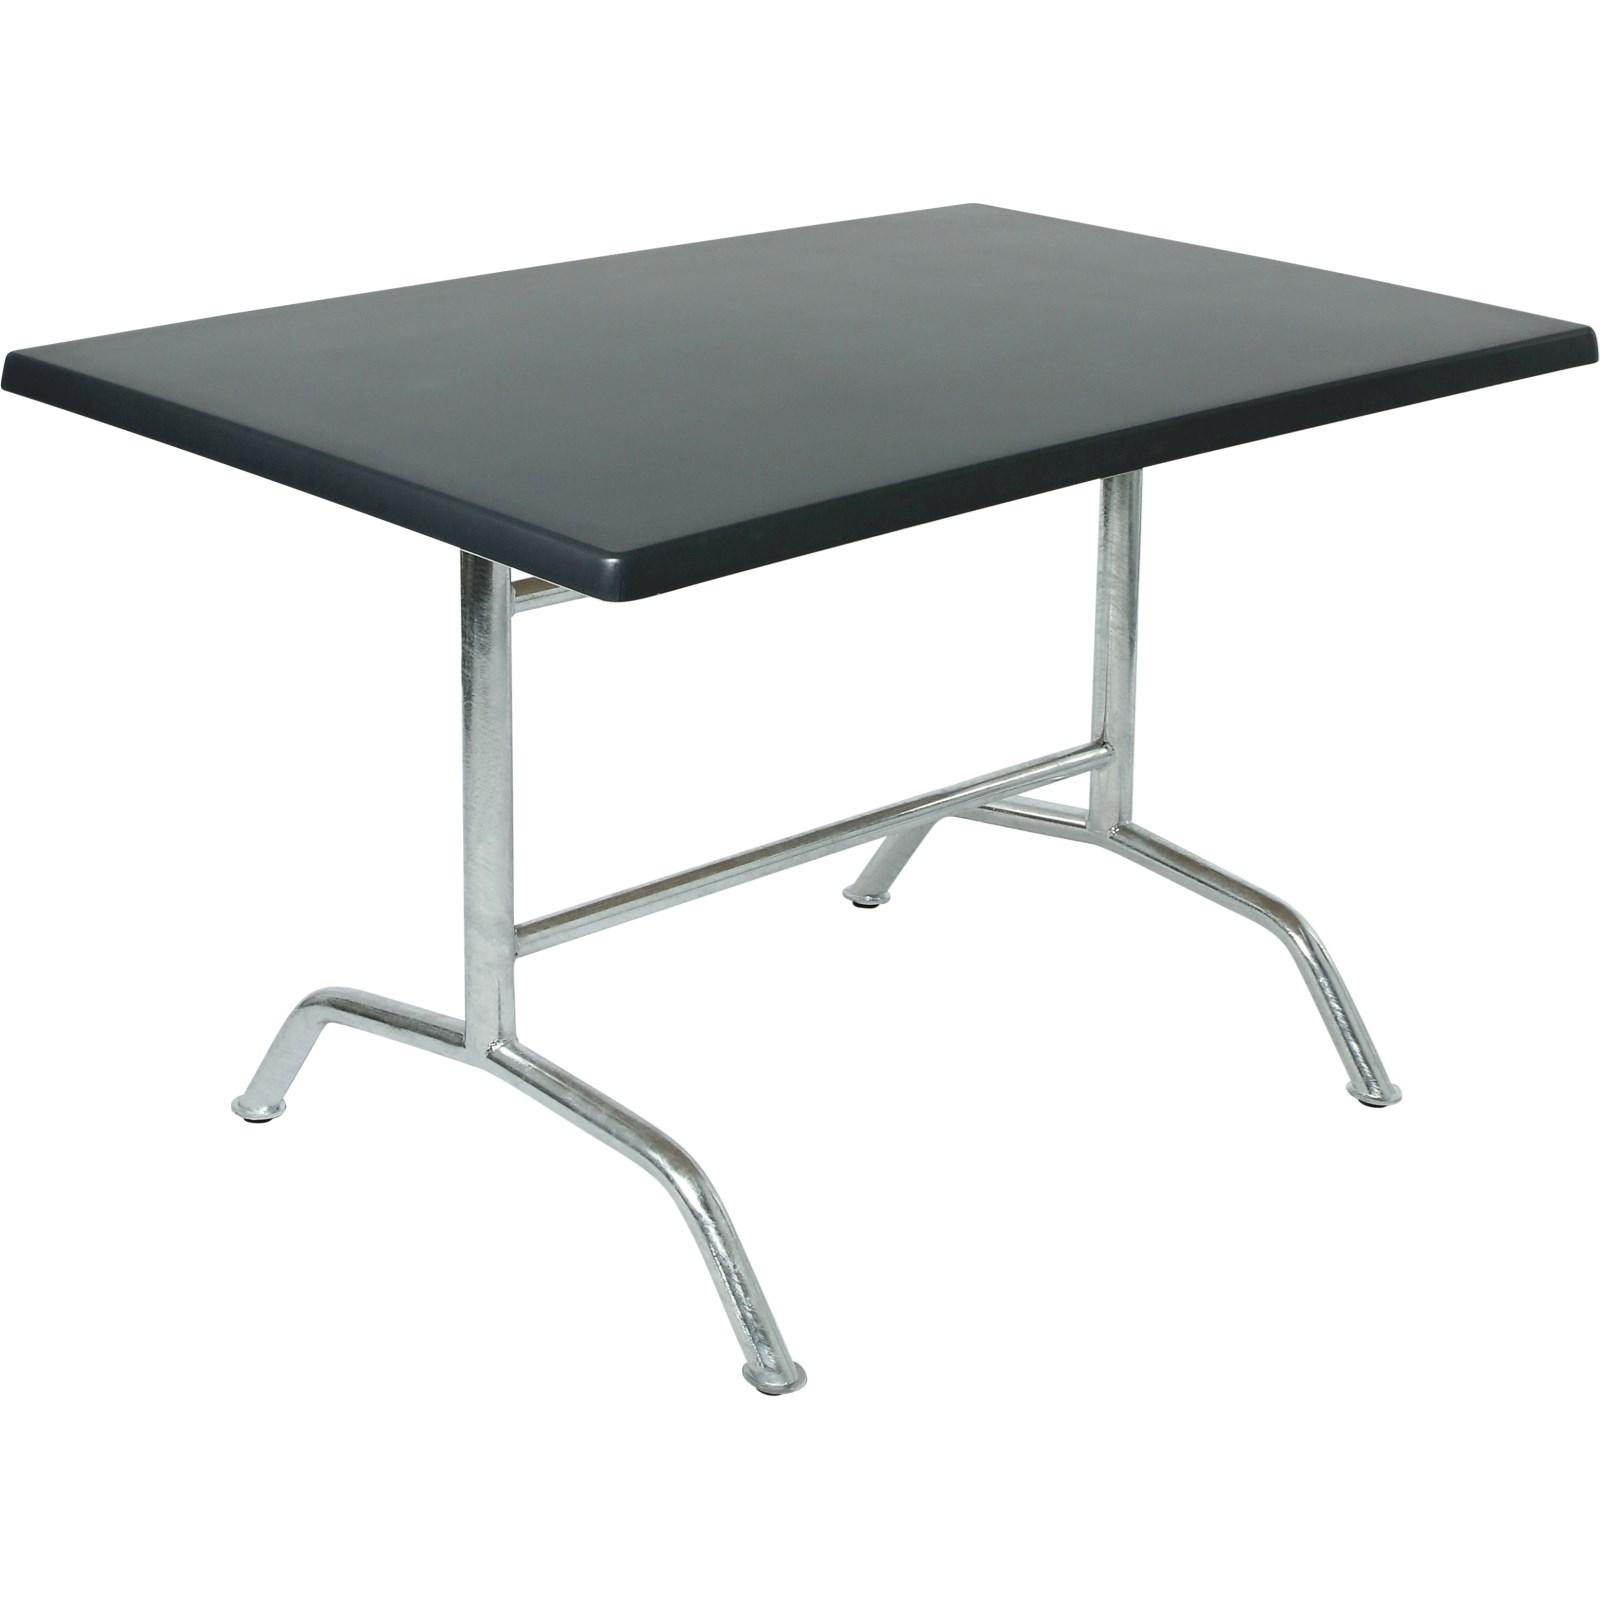 Tisch Topalit Anthrazit 120 80cm Kaufen Outdoormobel Landi